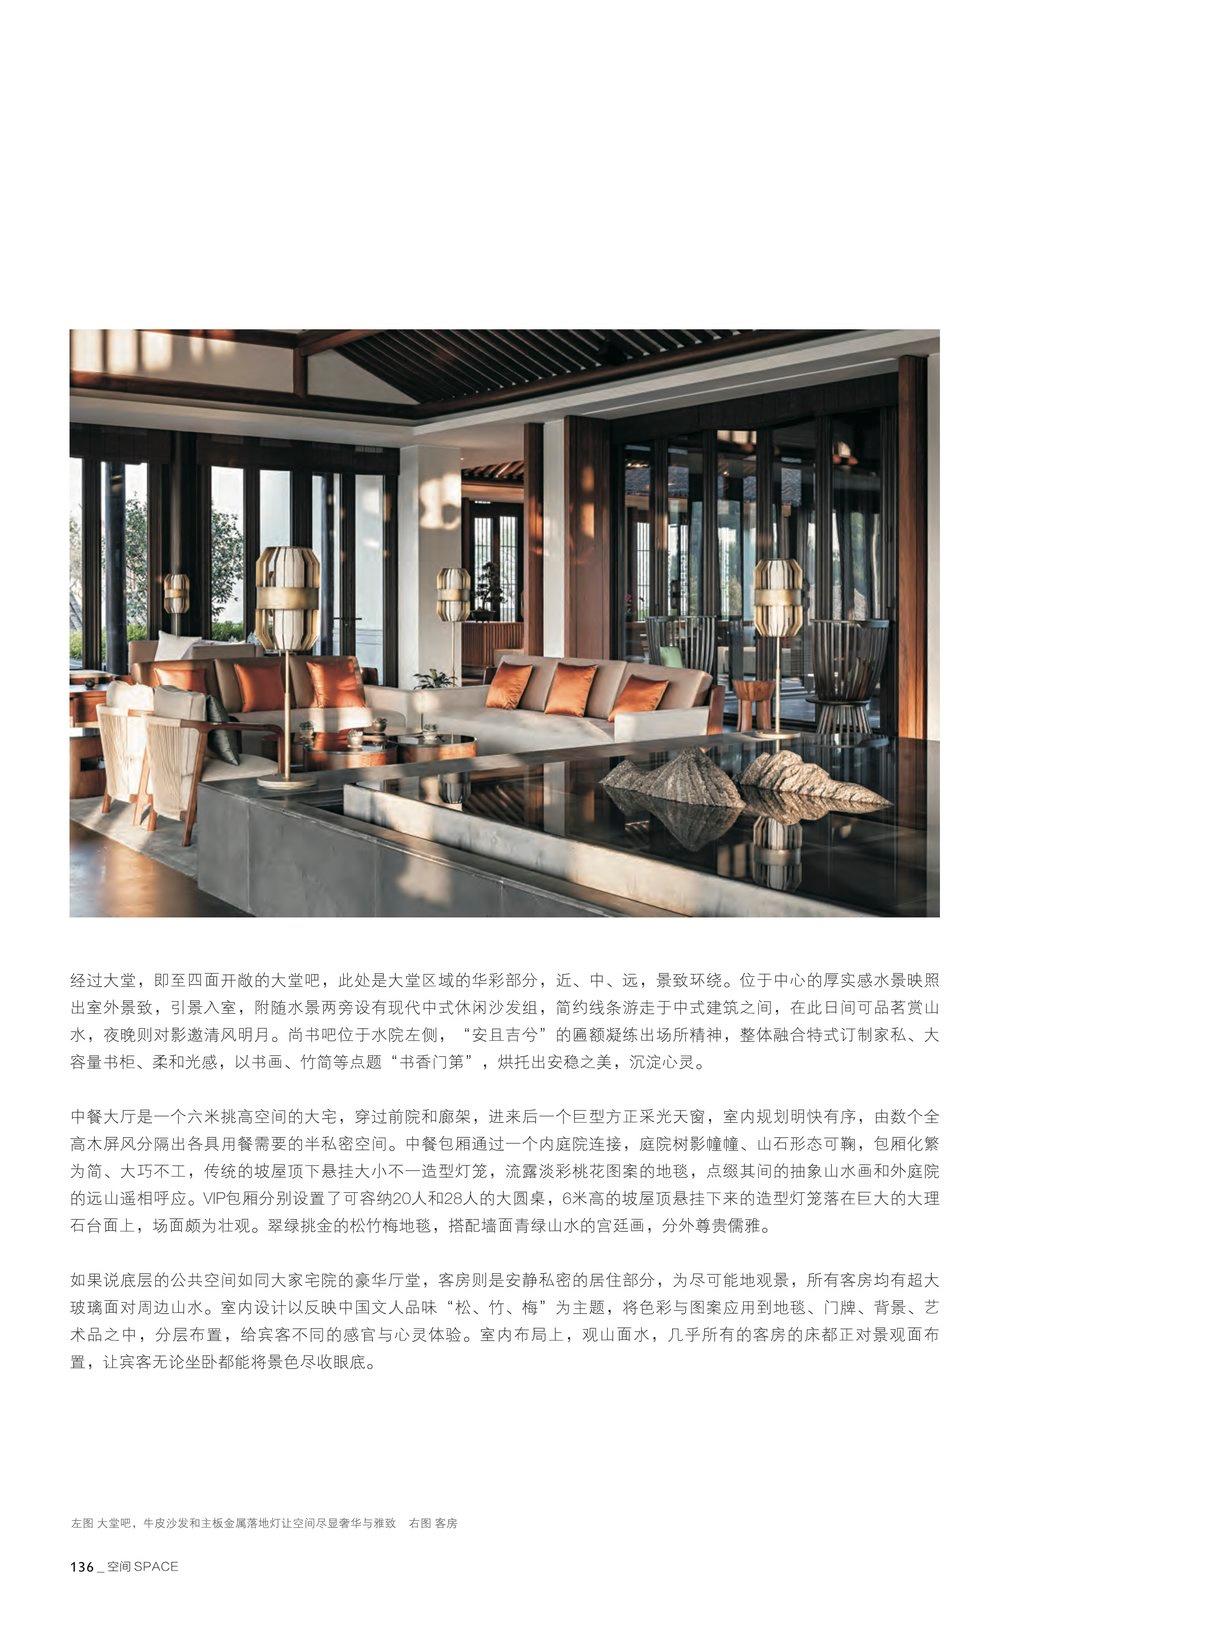 201902 现代装饰  安吉悦榕庄度假酒店3.jpg